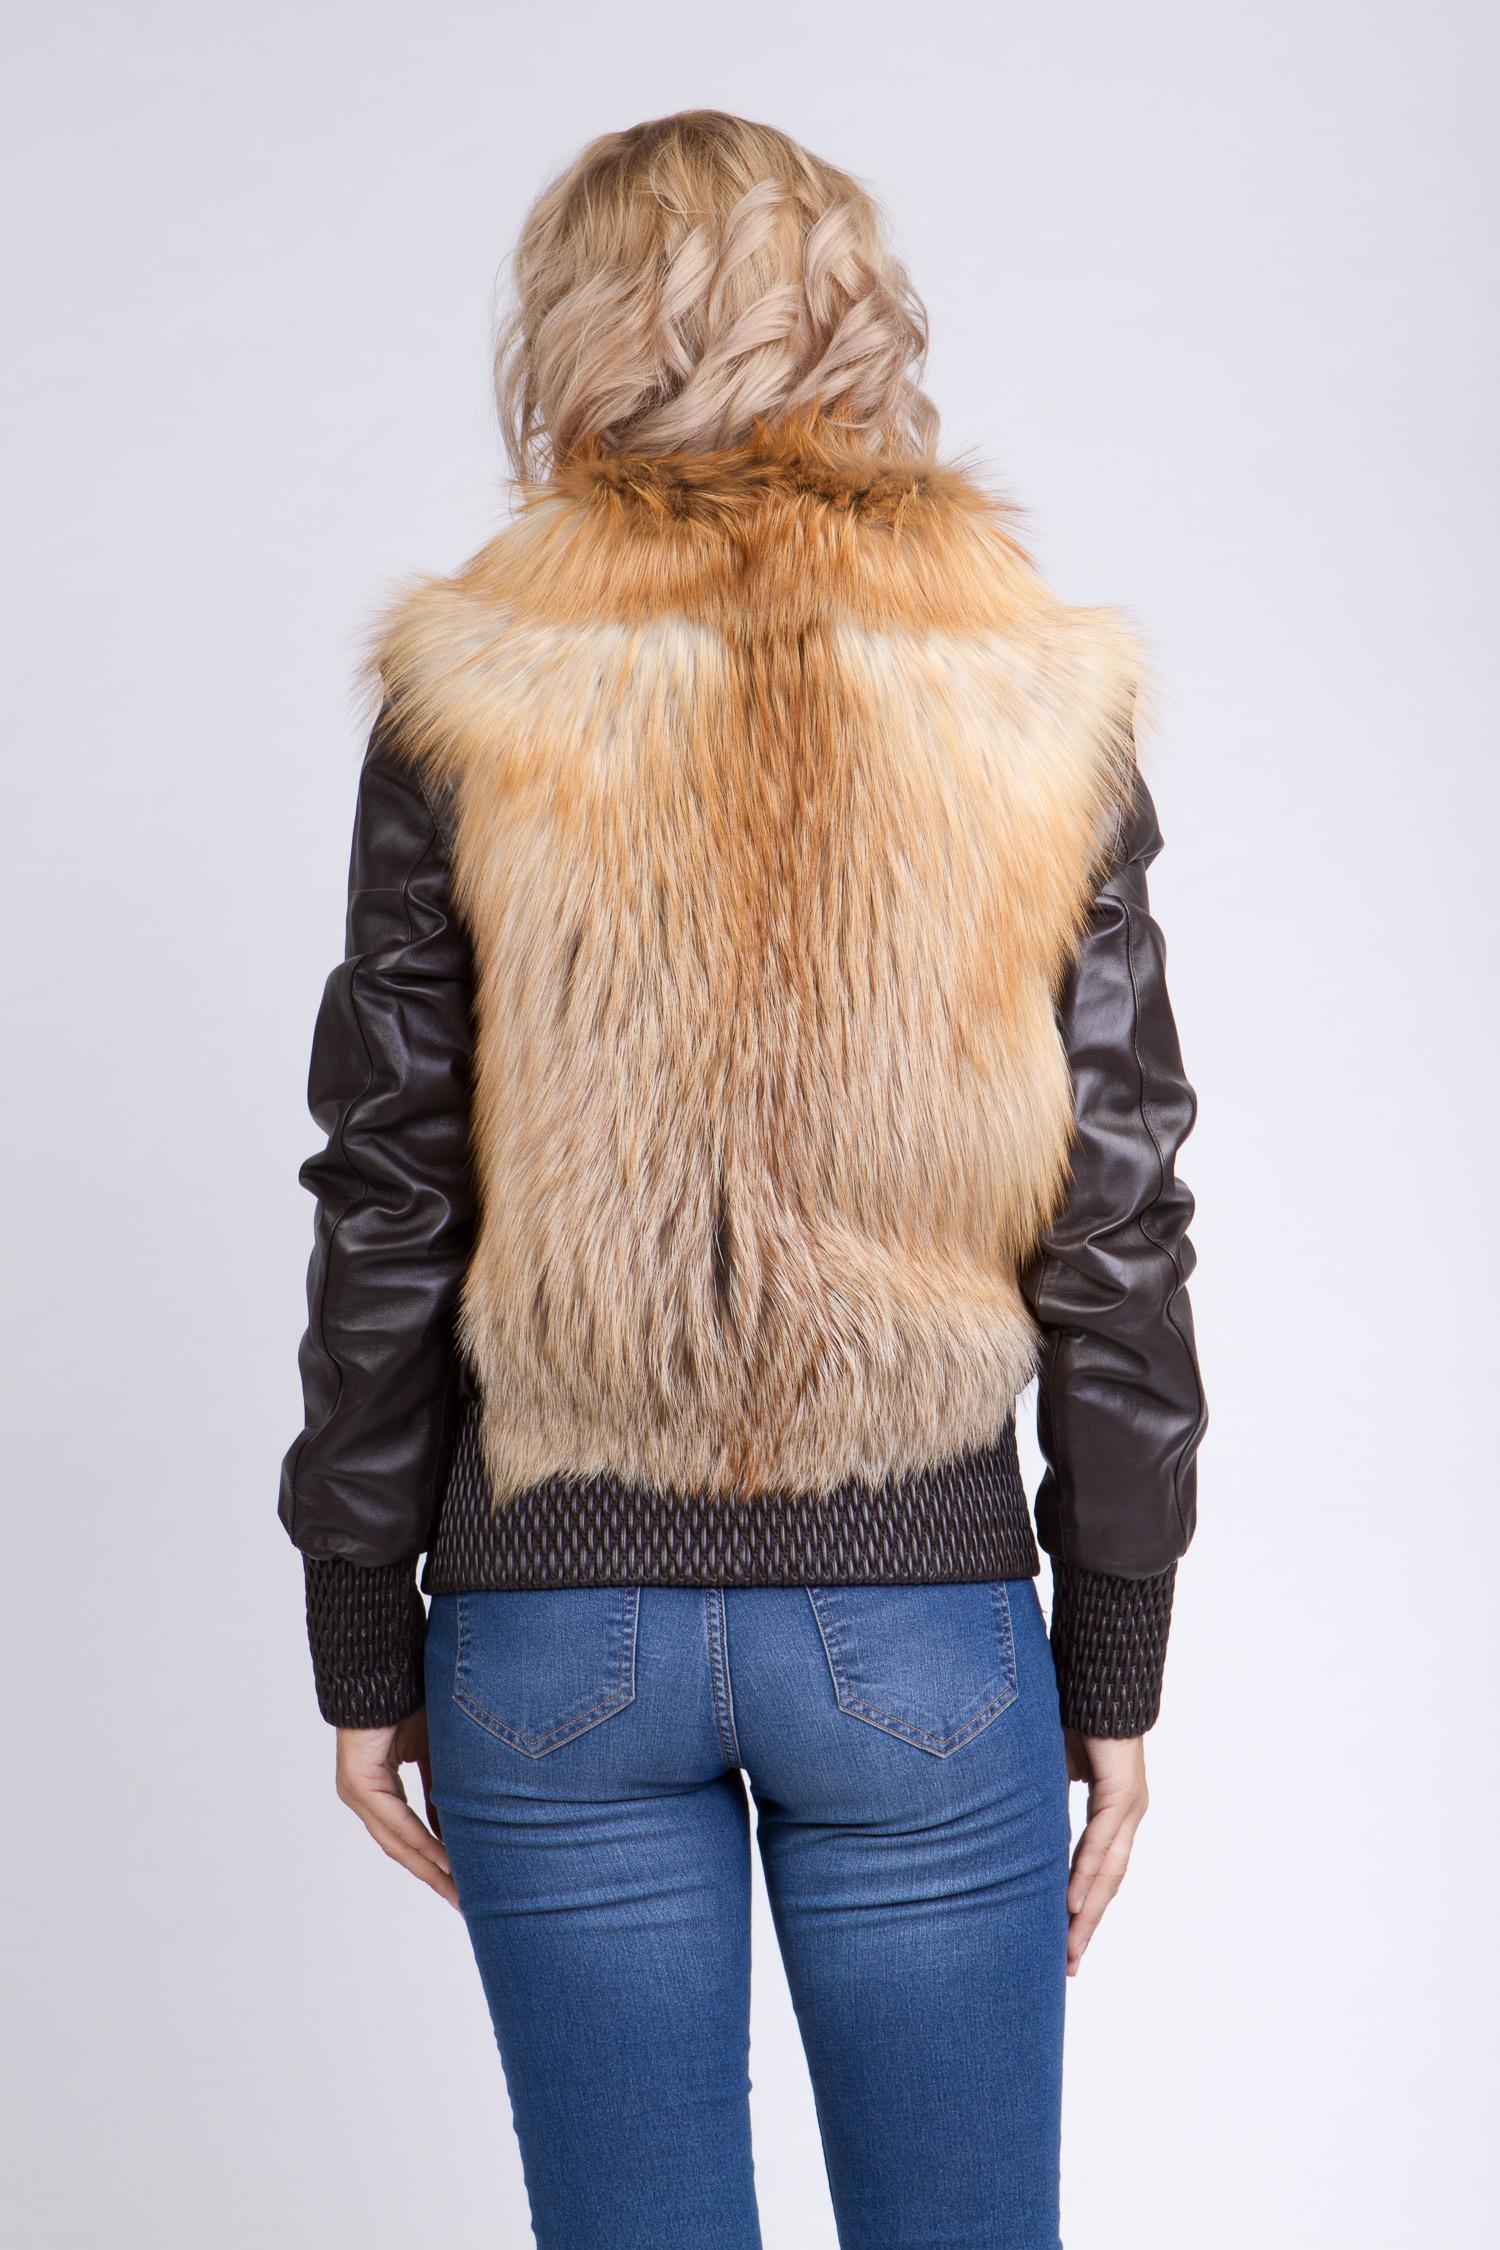 Женская кожаная куртка из натуральной кожи без воротника, отделка лиса от Московская Меховая Компания